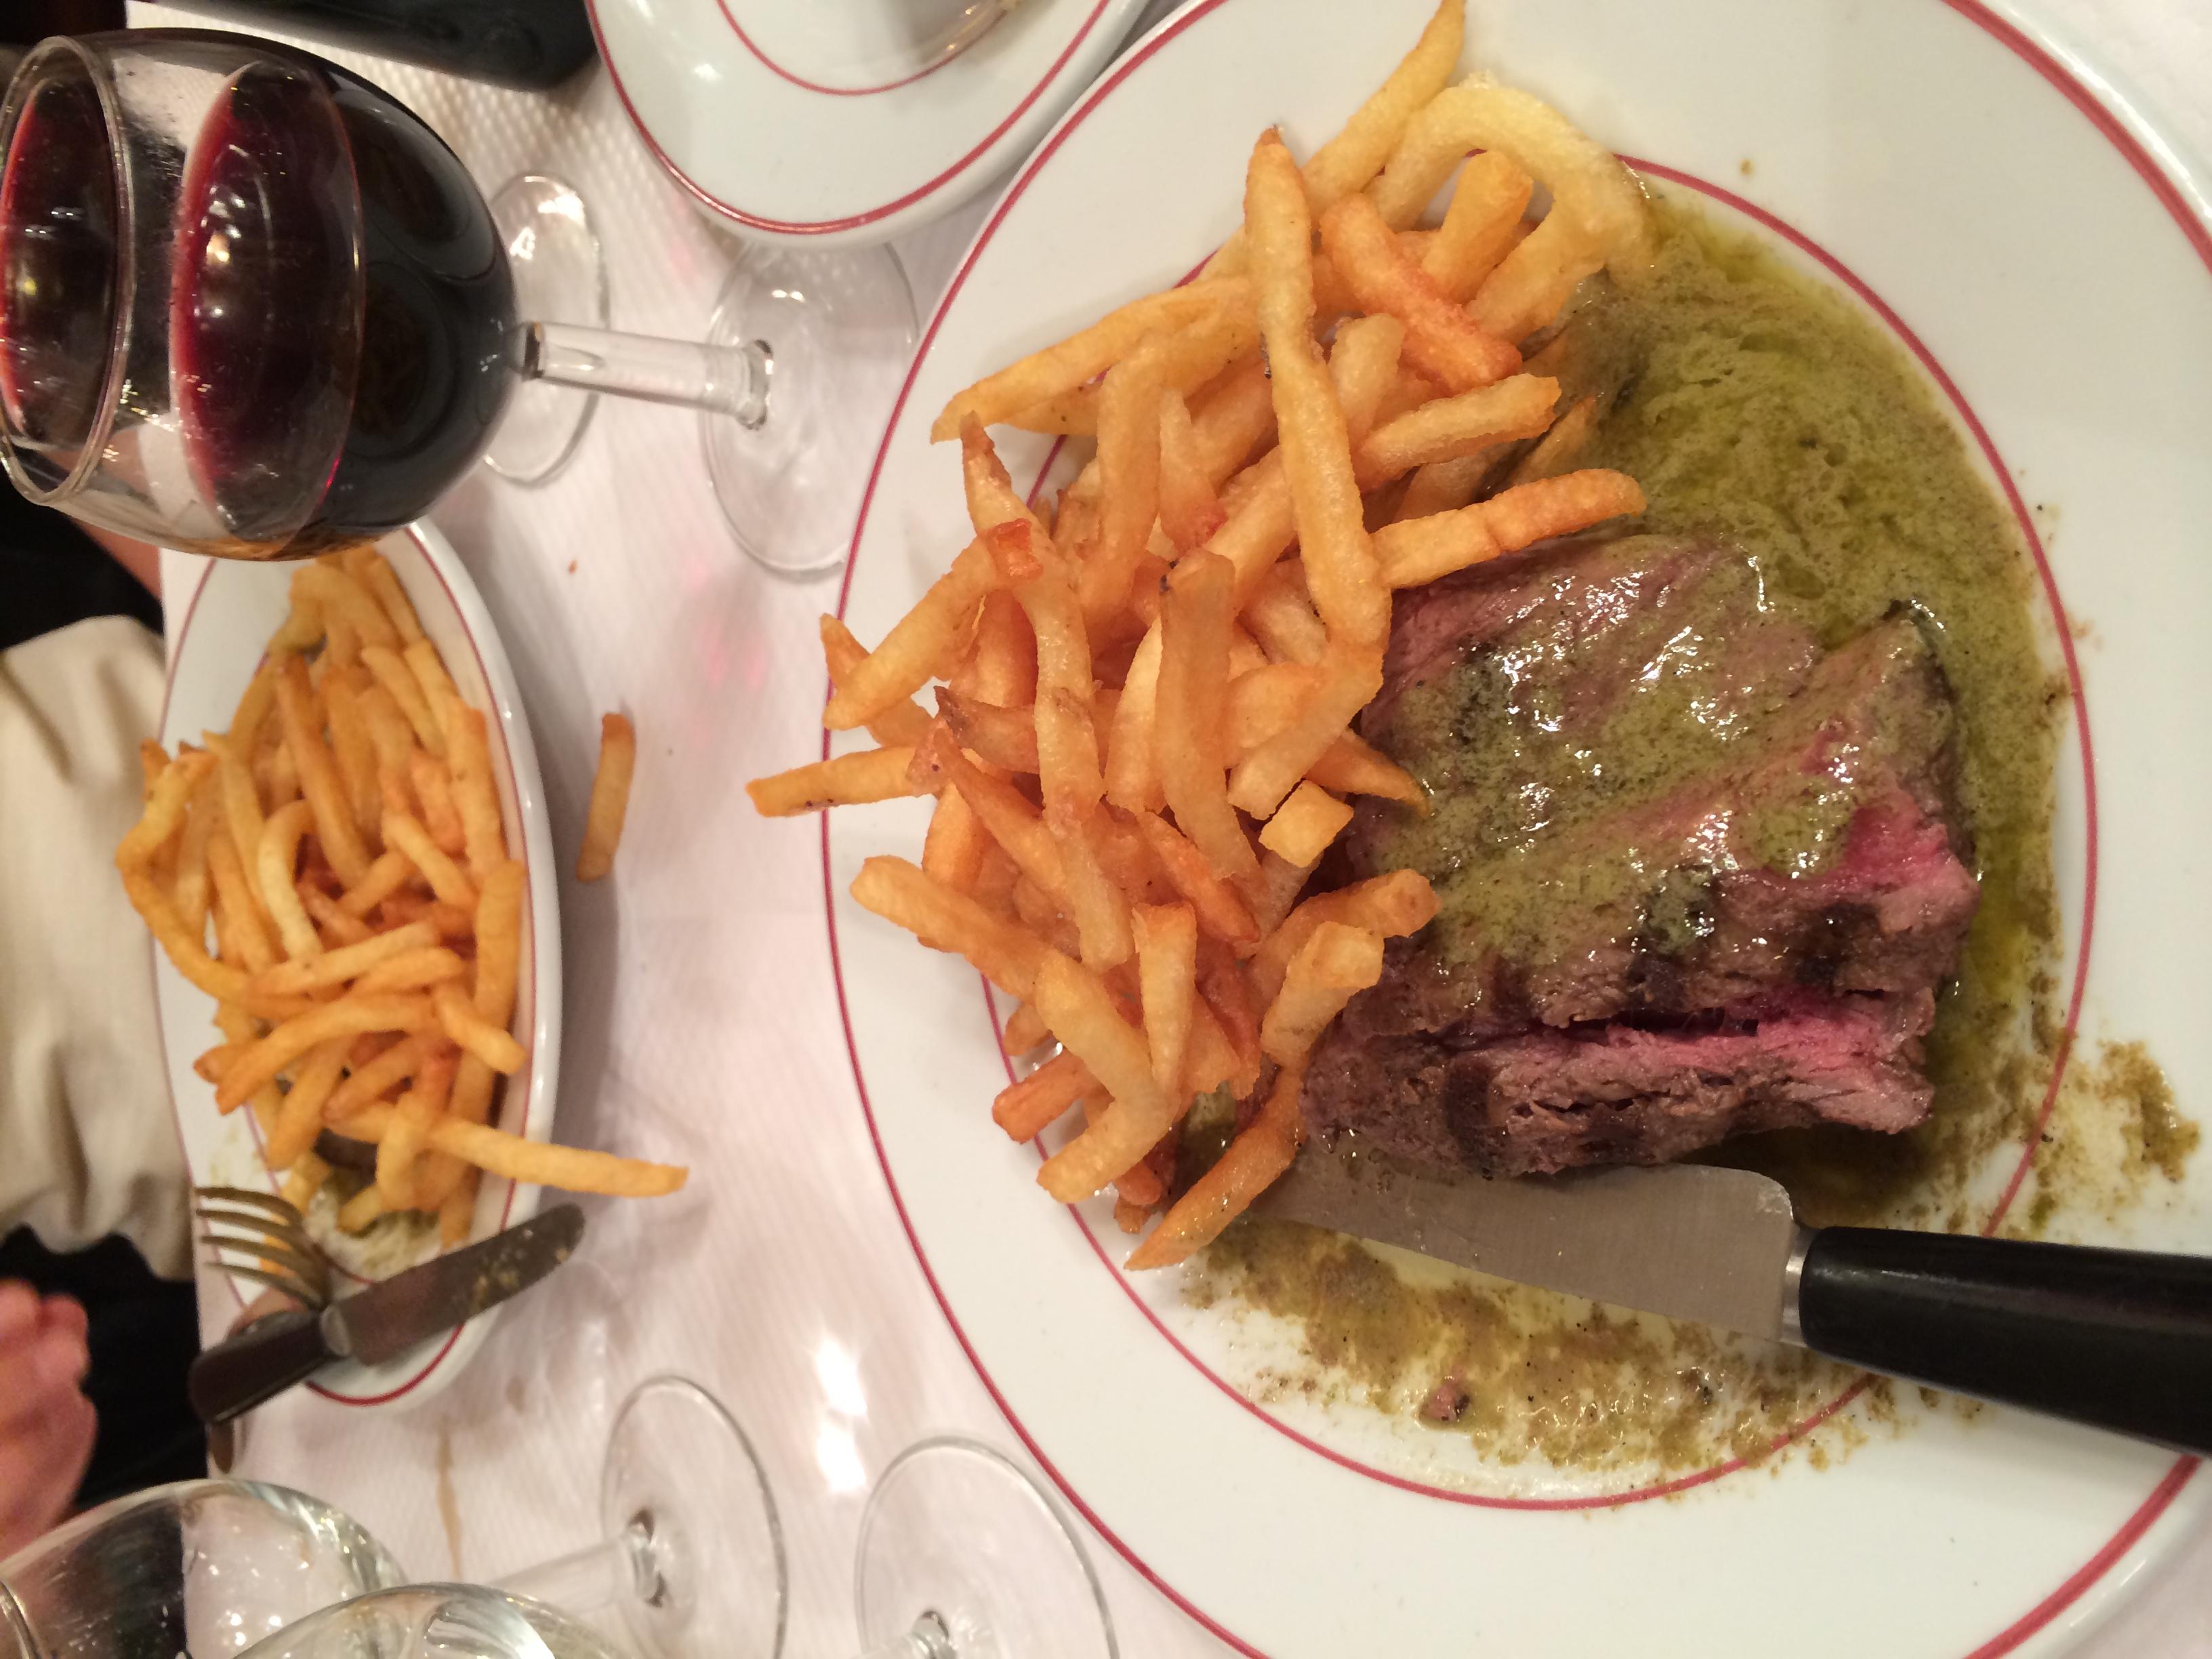 Steak frites round 2!